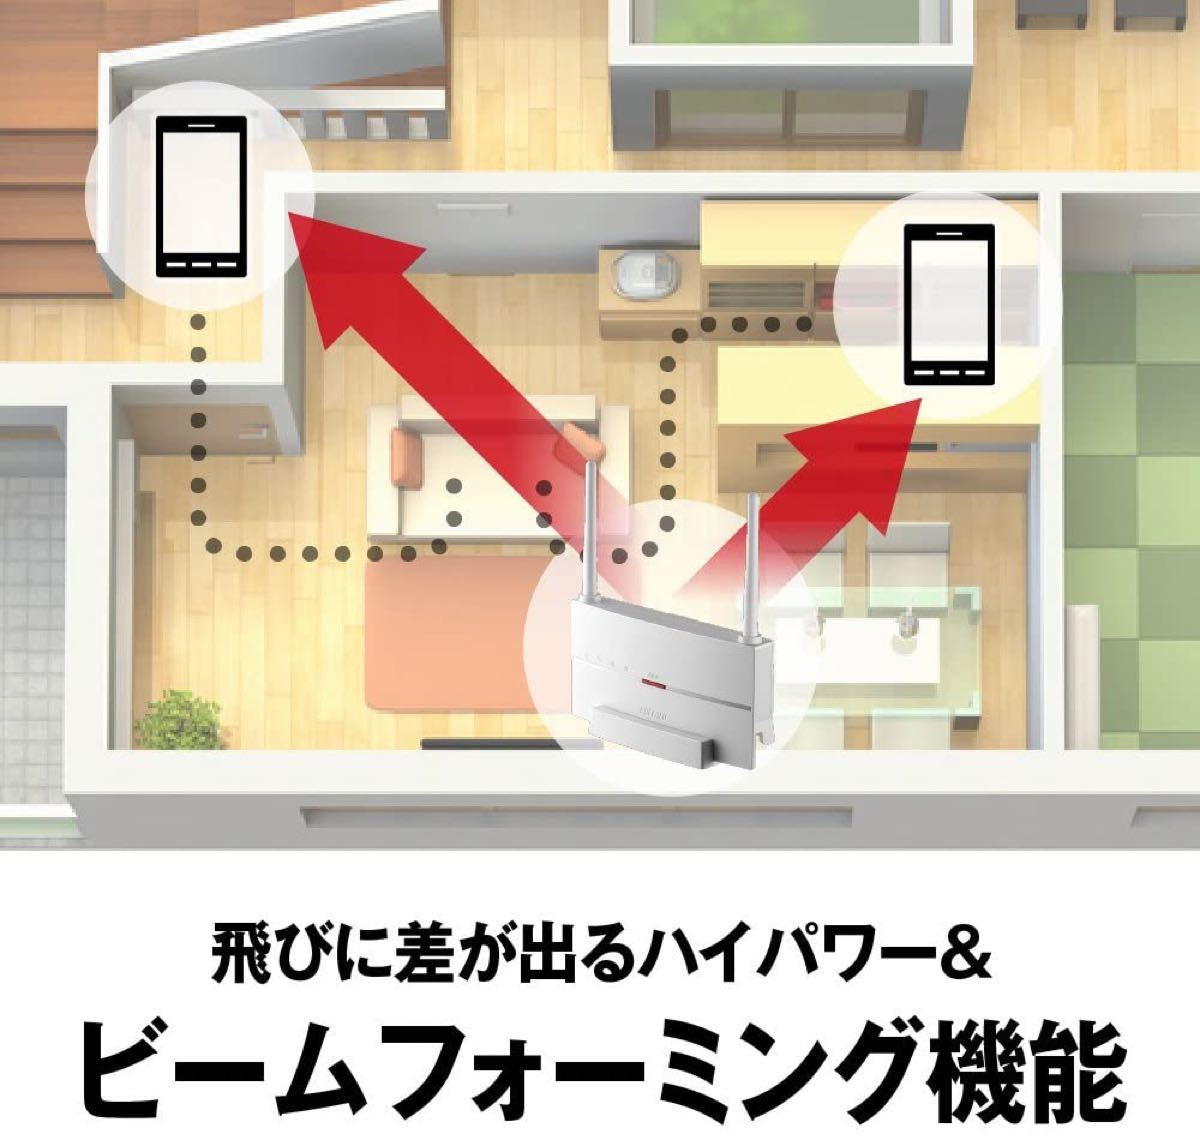 バッファロー Wi-Fi中継機 WEX-1166DHP2 無線LAN中継器 コンセント挿し/据置き